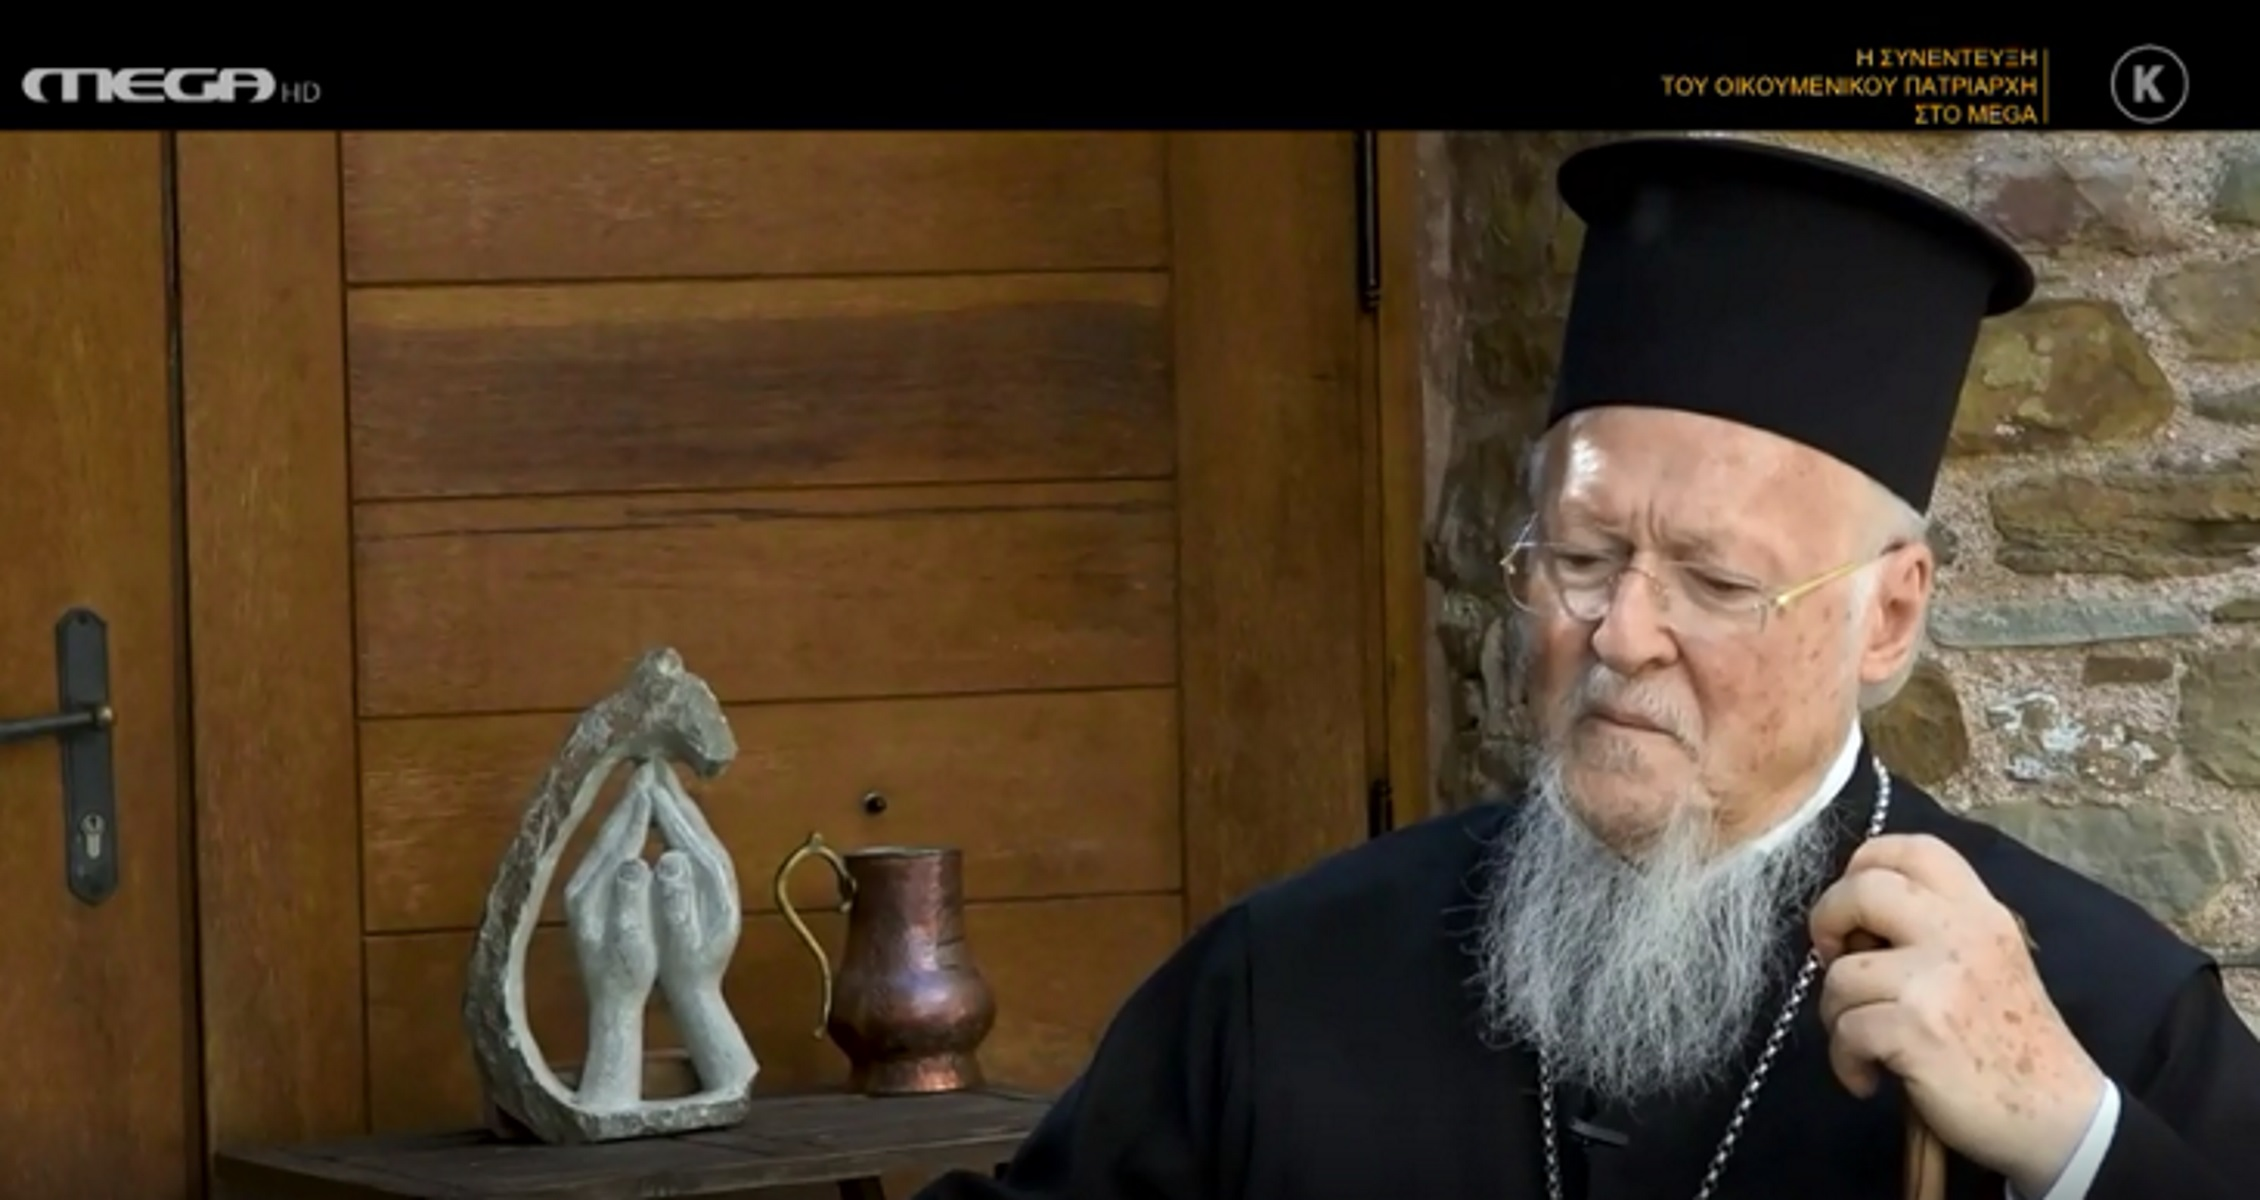 Οικουμενικός Πατριάρχης Βαρθολομαίος: Υφιστάμεθα όλες τις συνέπειες των διωγμών που έγιναν εις βάρος της ομογενείας